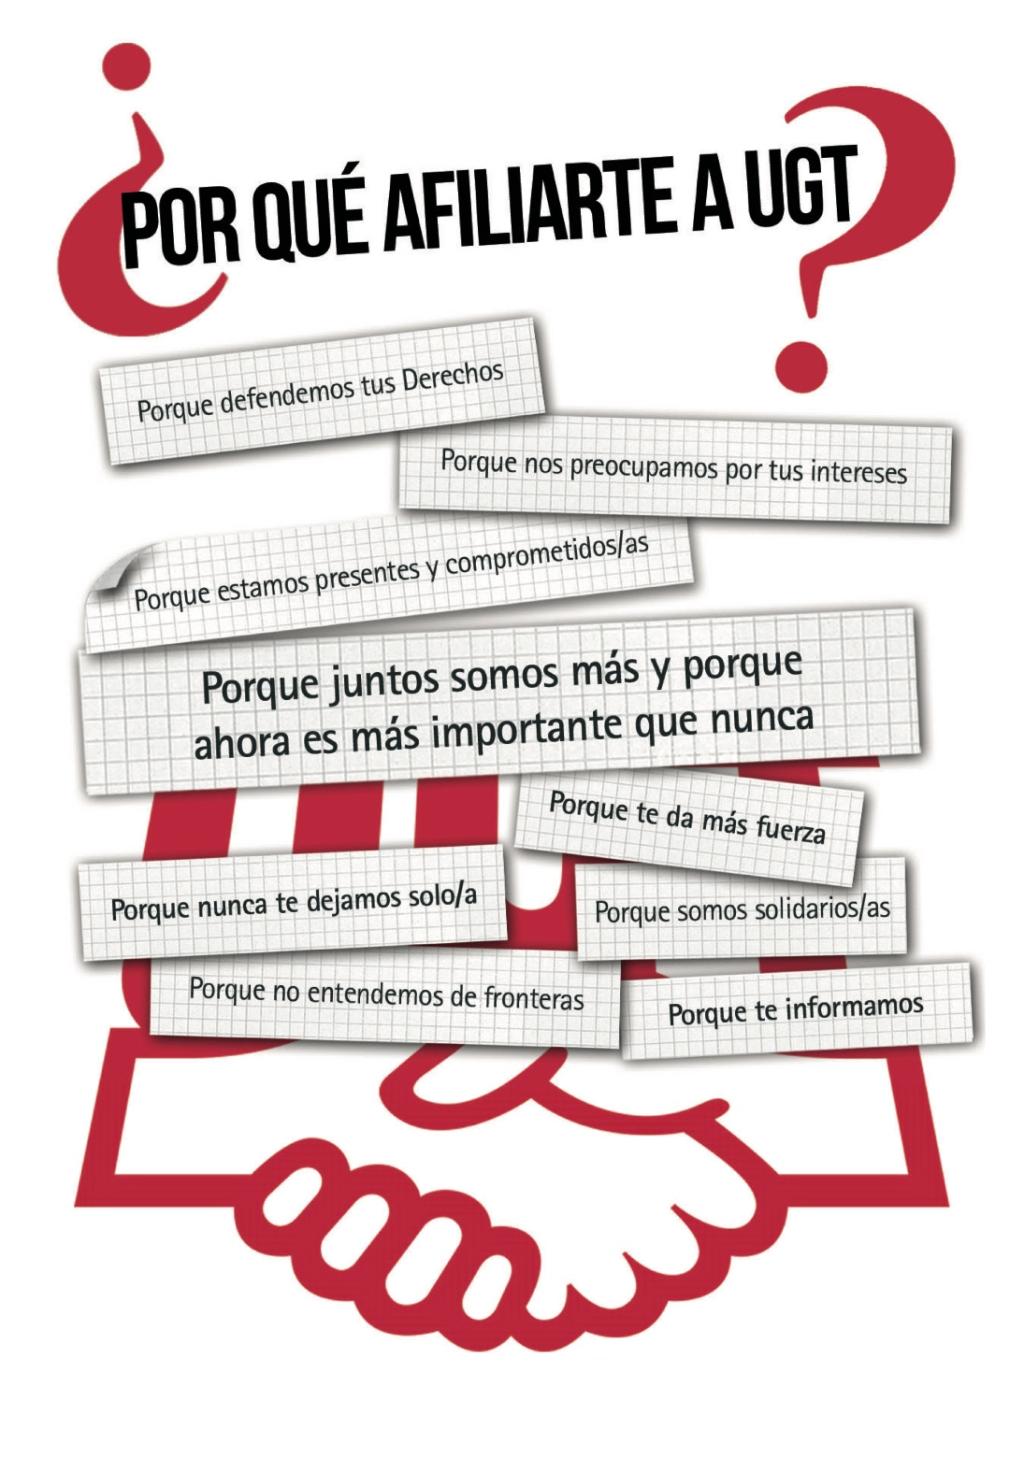 ¿Por qué afiliarse a UGT? compruébalo en esta estupenda Guía de Servicios para los Afiliad@s de UGT que ha realizado la federación de FeSP UGT Madrid.